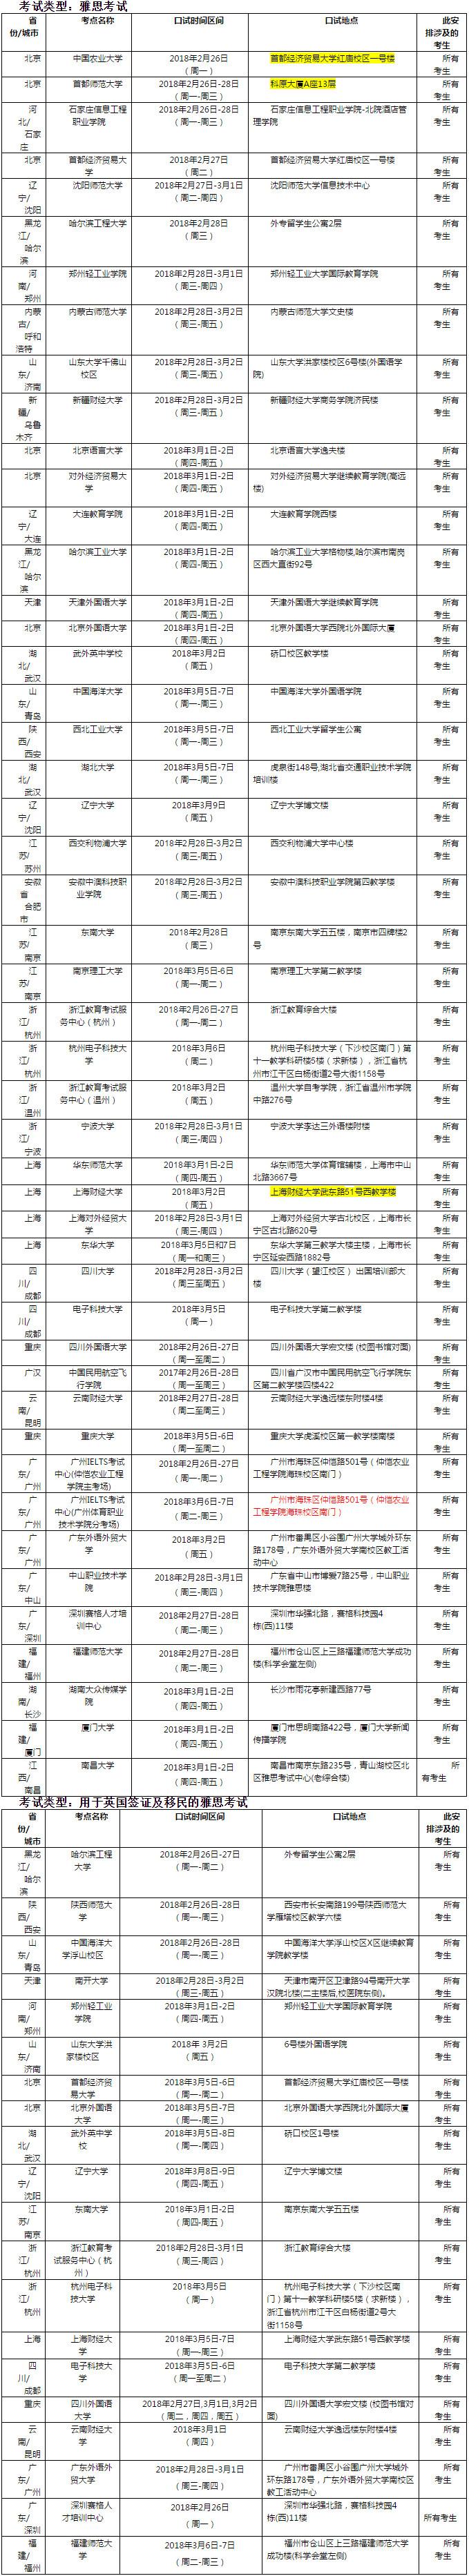 3月3日雅思口语考试安排